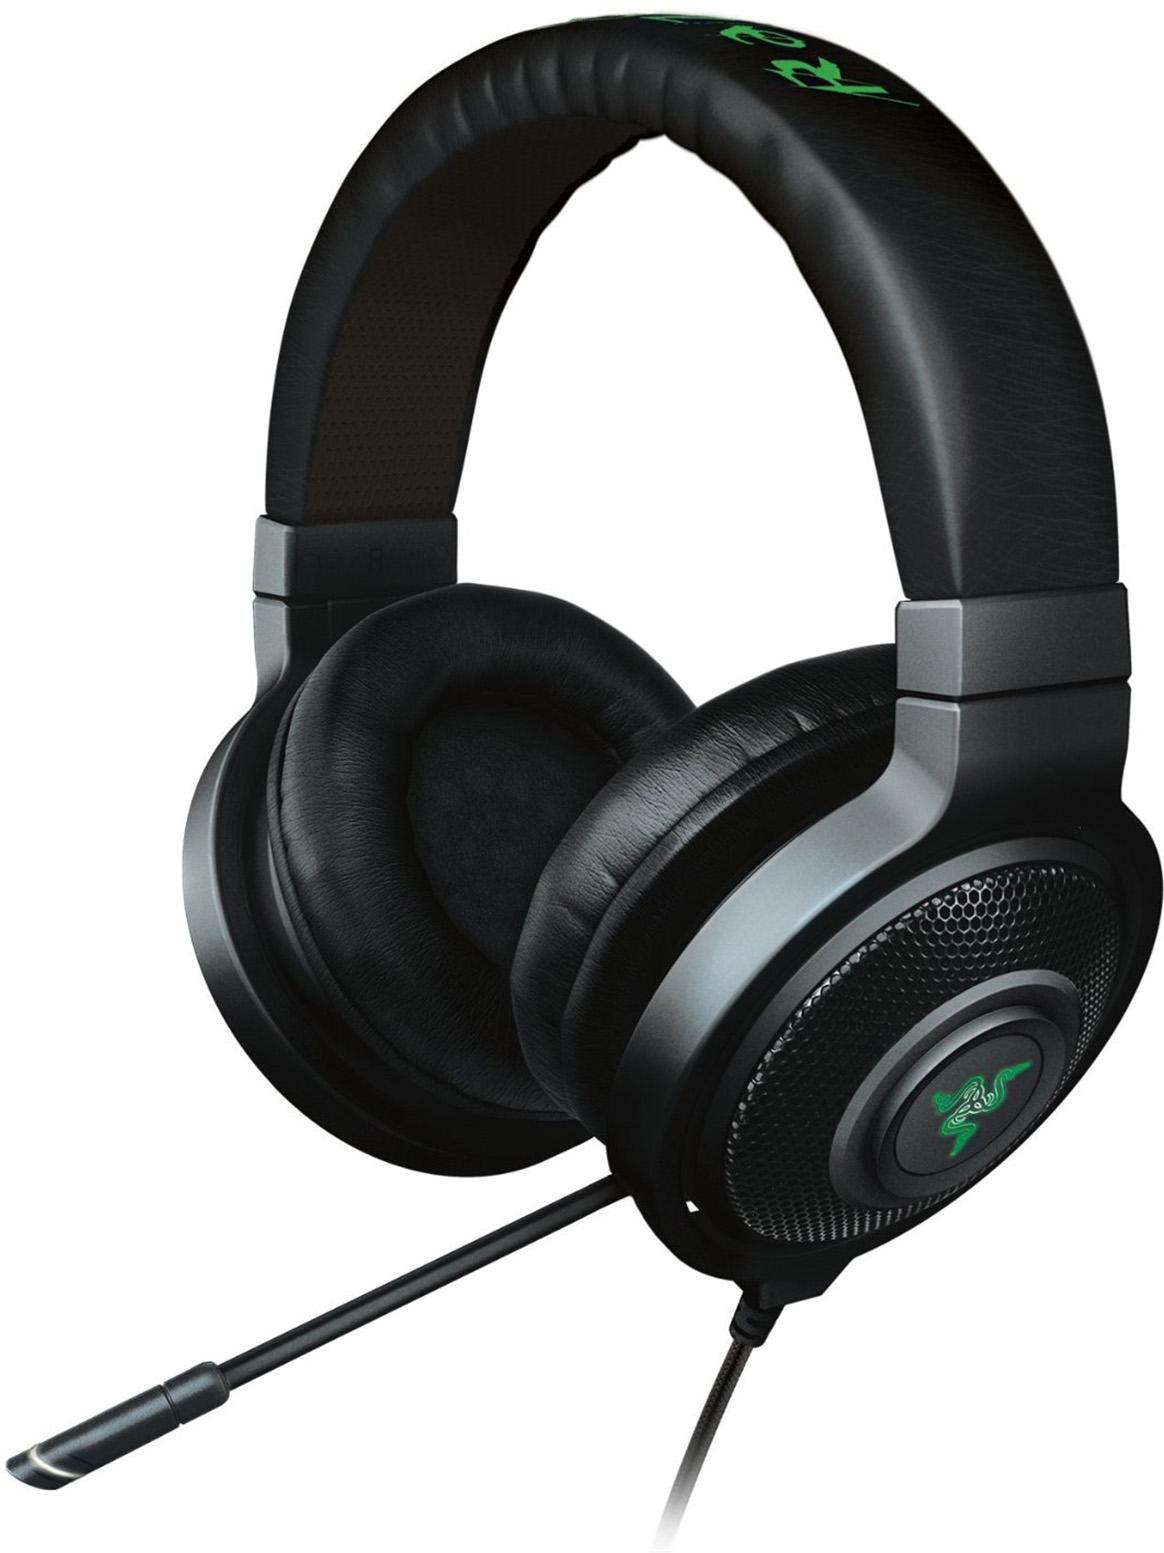 Razer Kraken 7.1 Chroma Surround Sound Gaming Headset